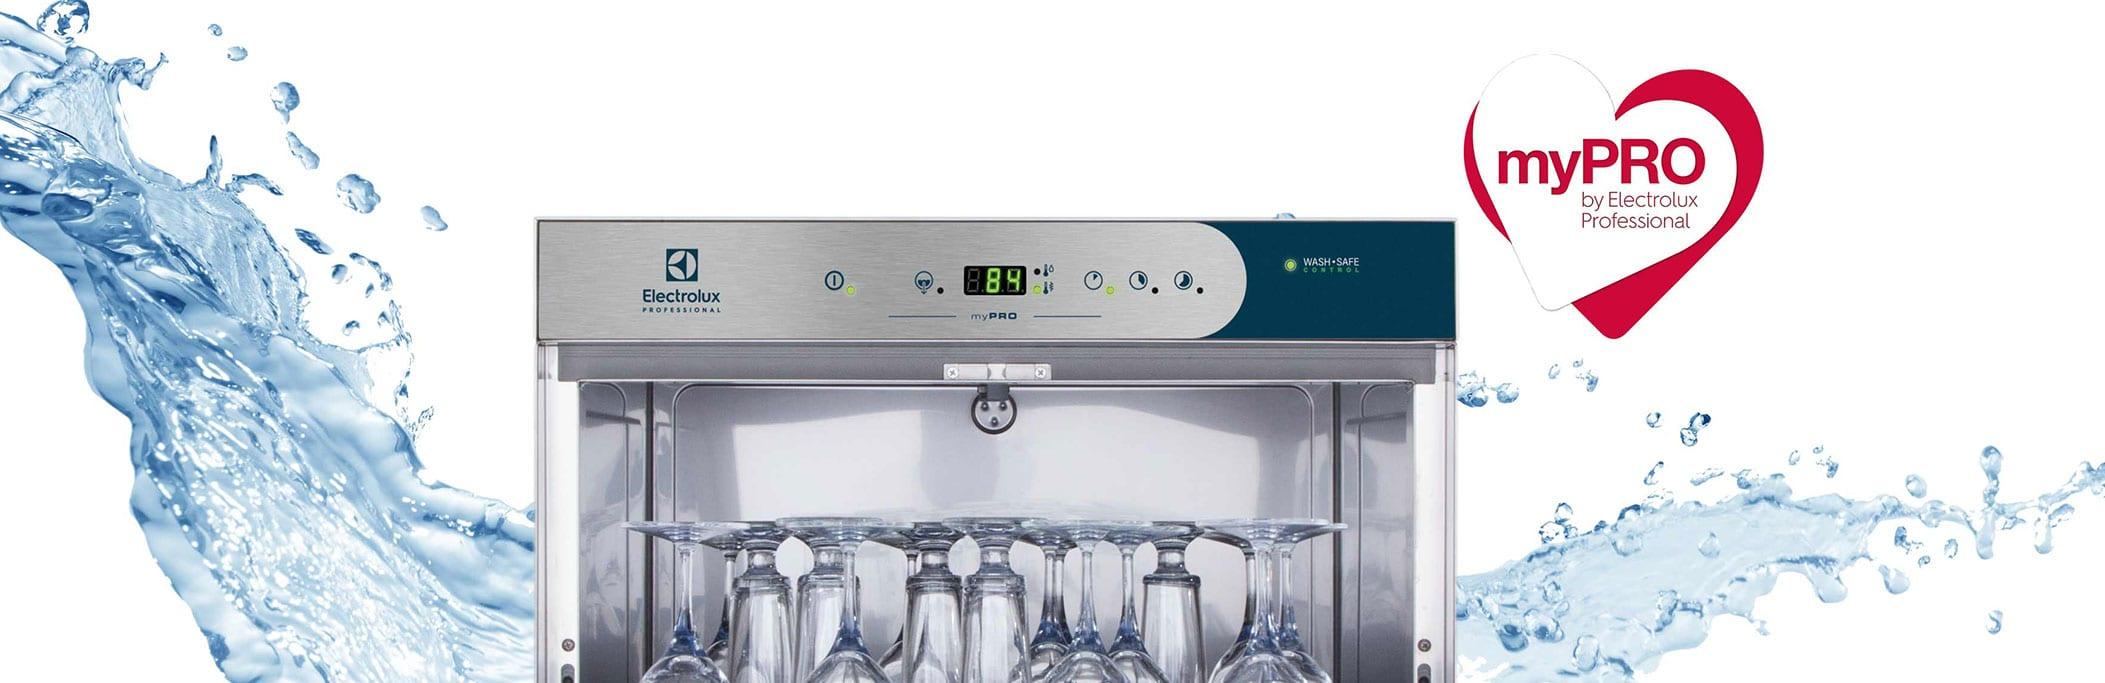 myPRO Untertischspülmaschine